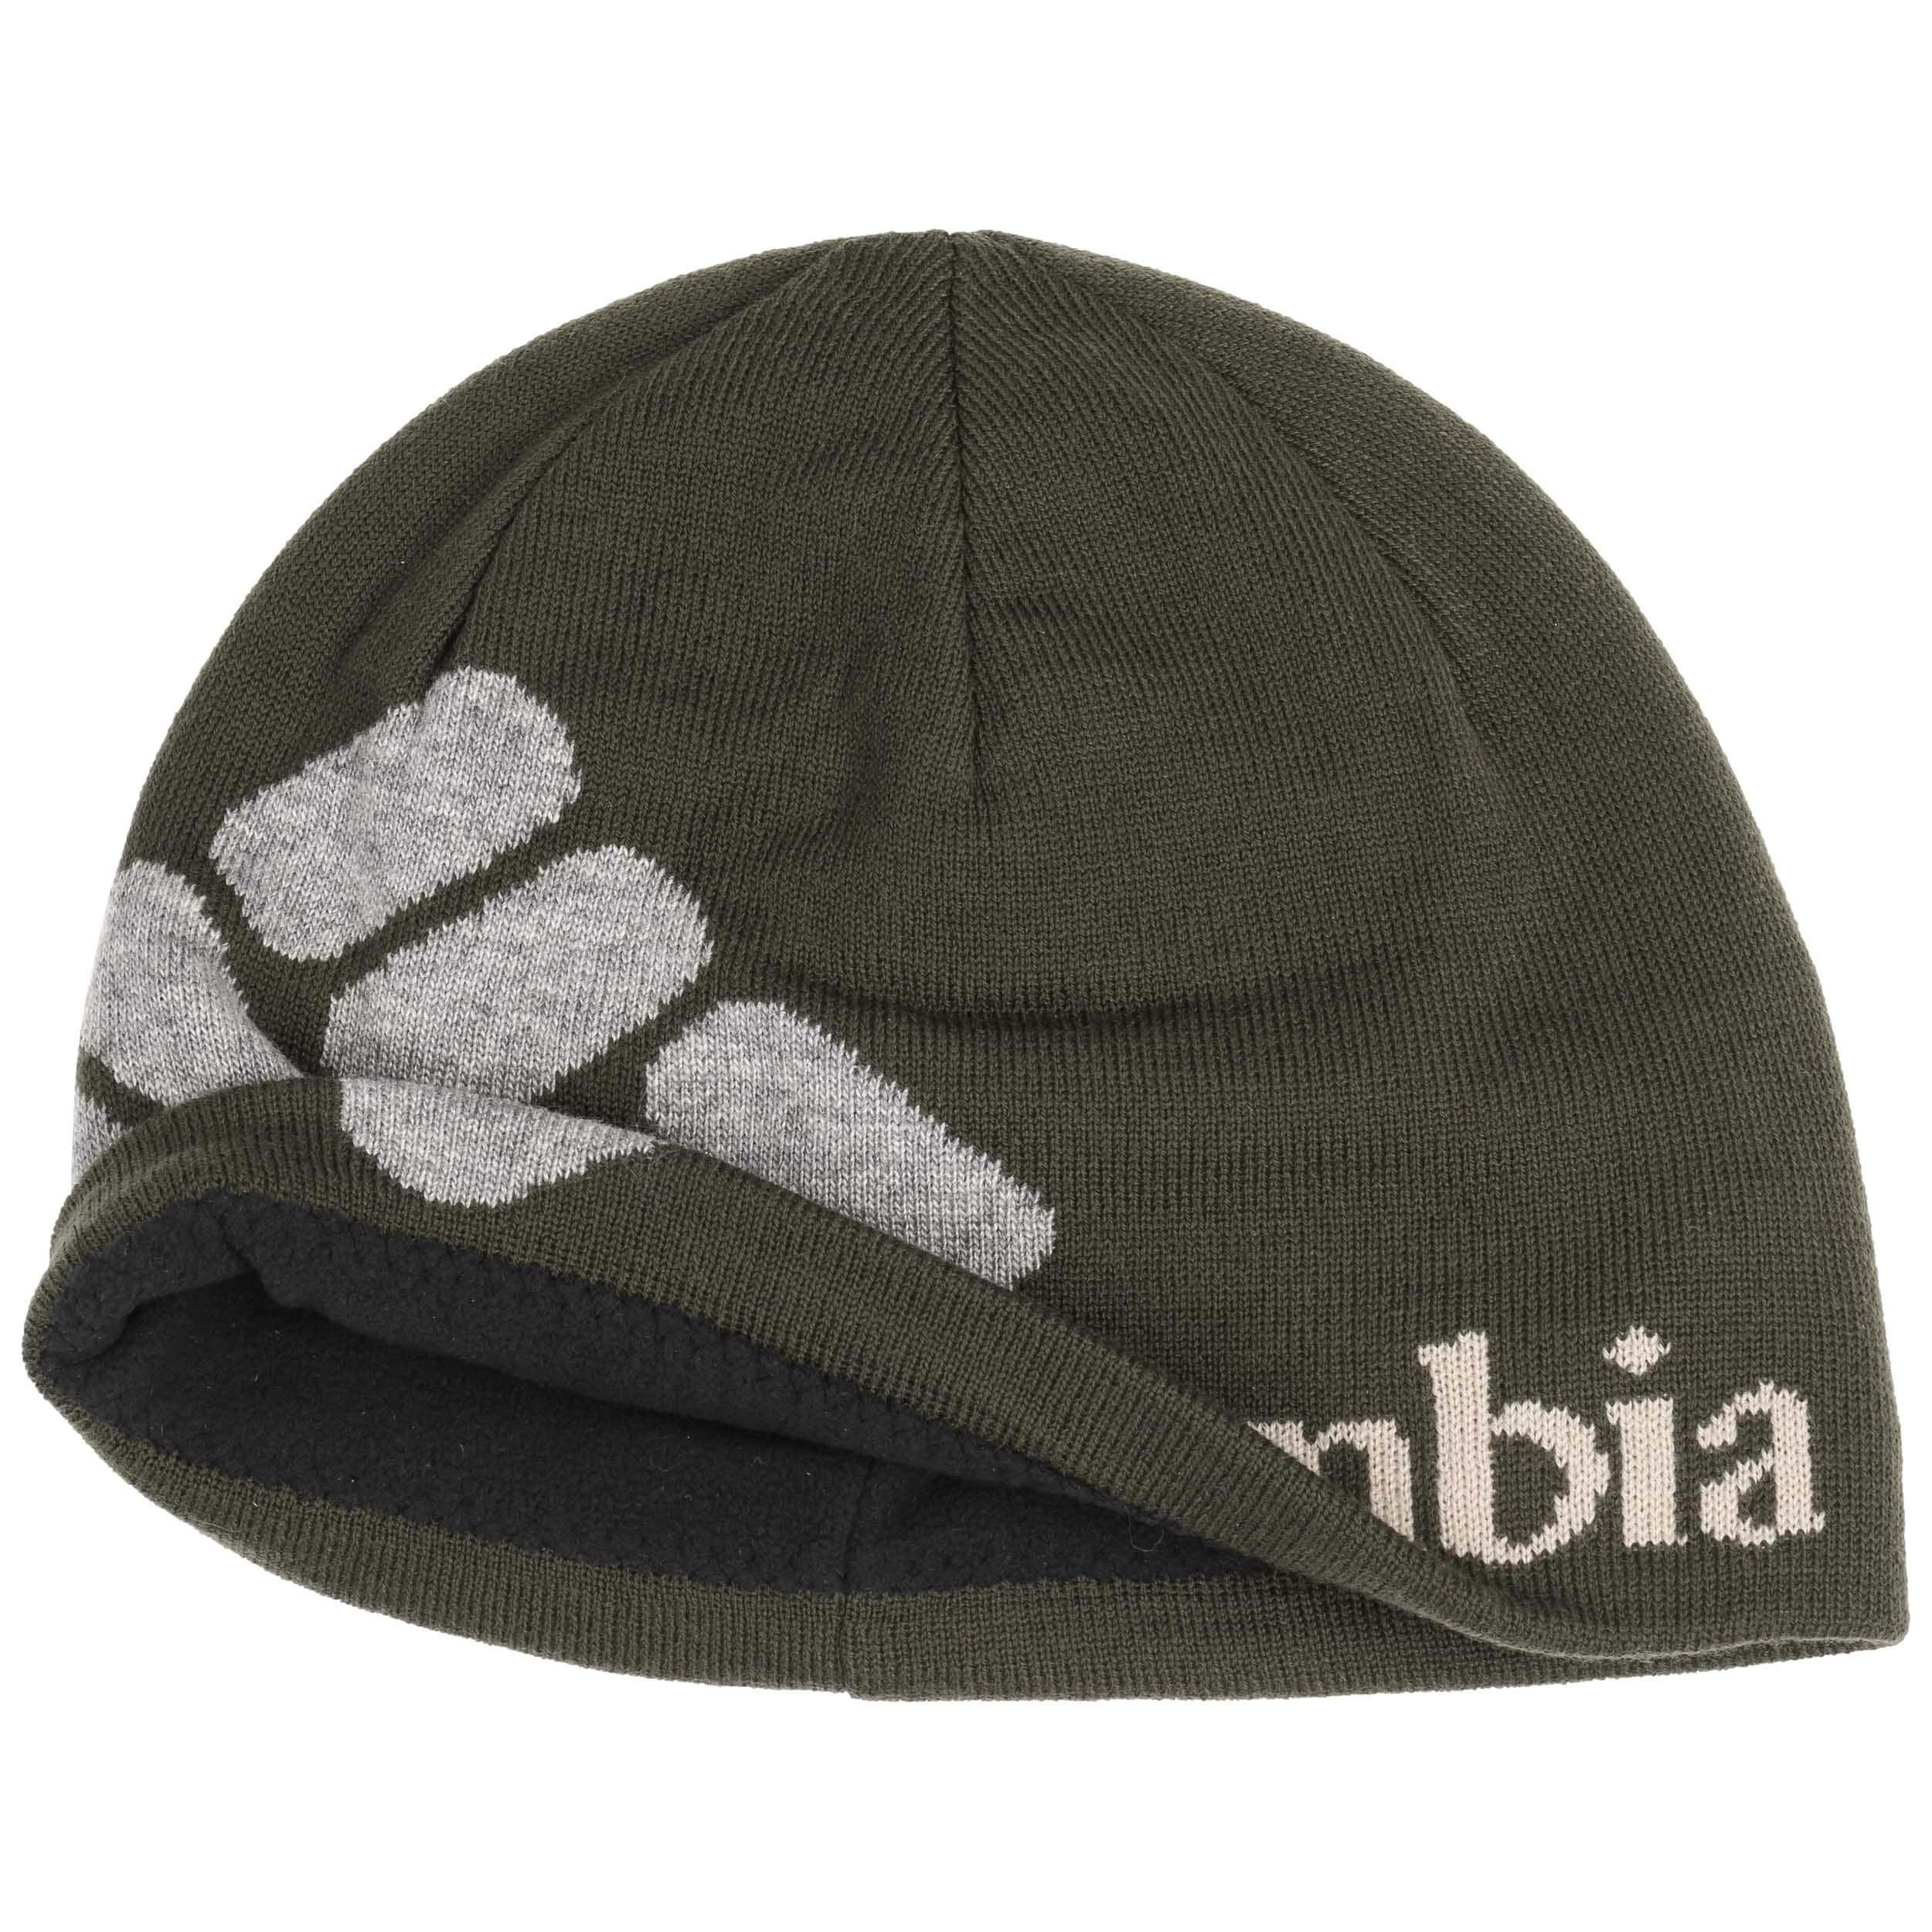 Gorro Beanie Basic Omni-Heat by Columbia - Gorros - sombreroshop.es 0cc2c65df3b6